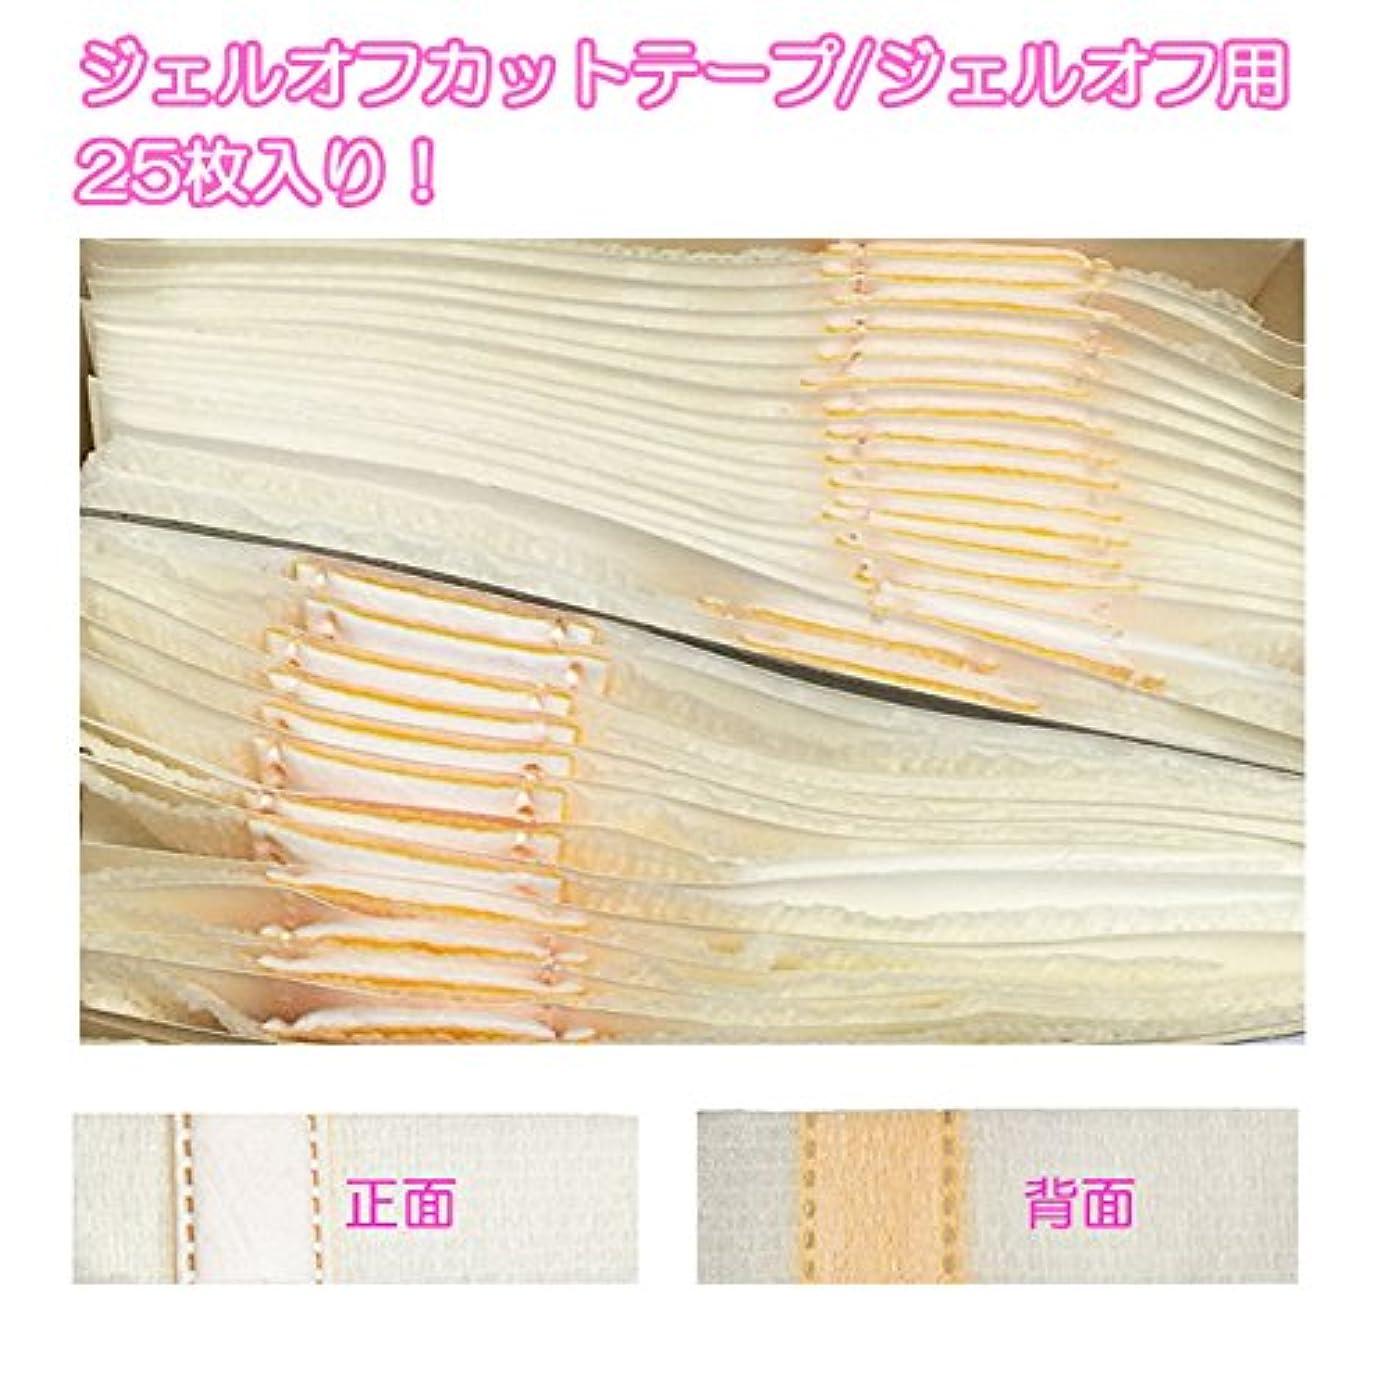 偏見祭り吸収剤ジェルオフカットテープ/ジェルオフ用【25枚入り】 (ホワイト)